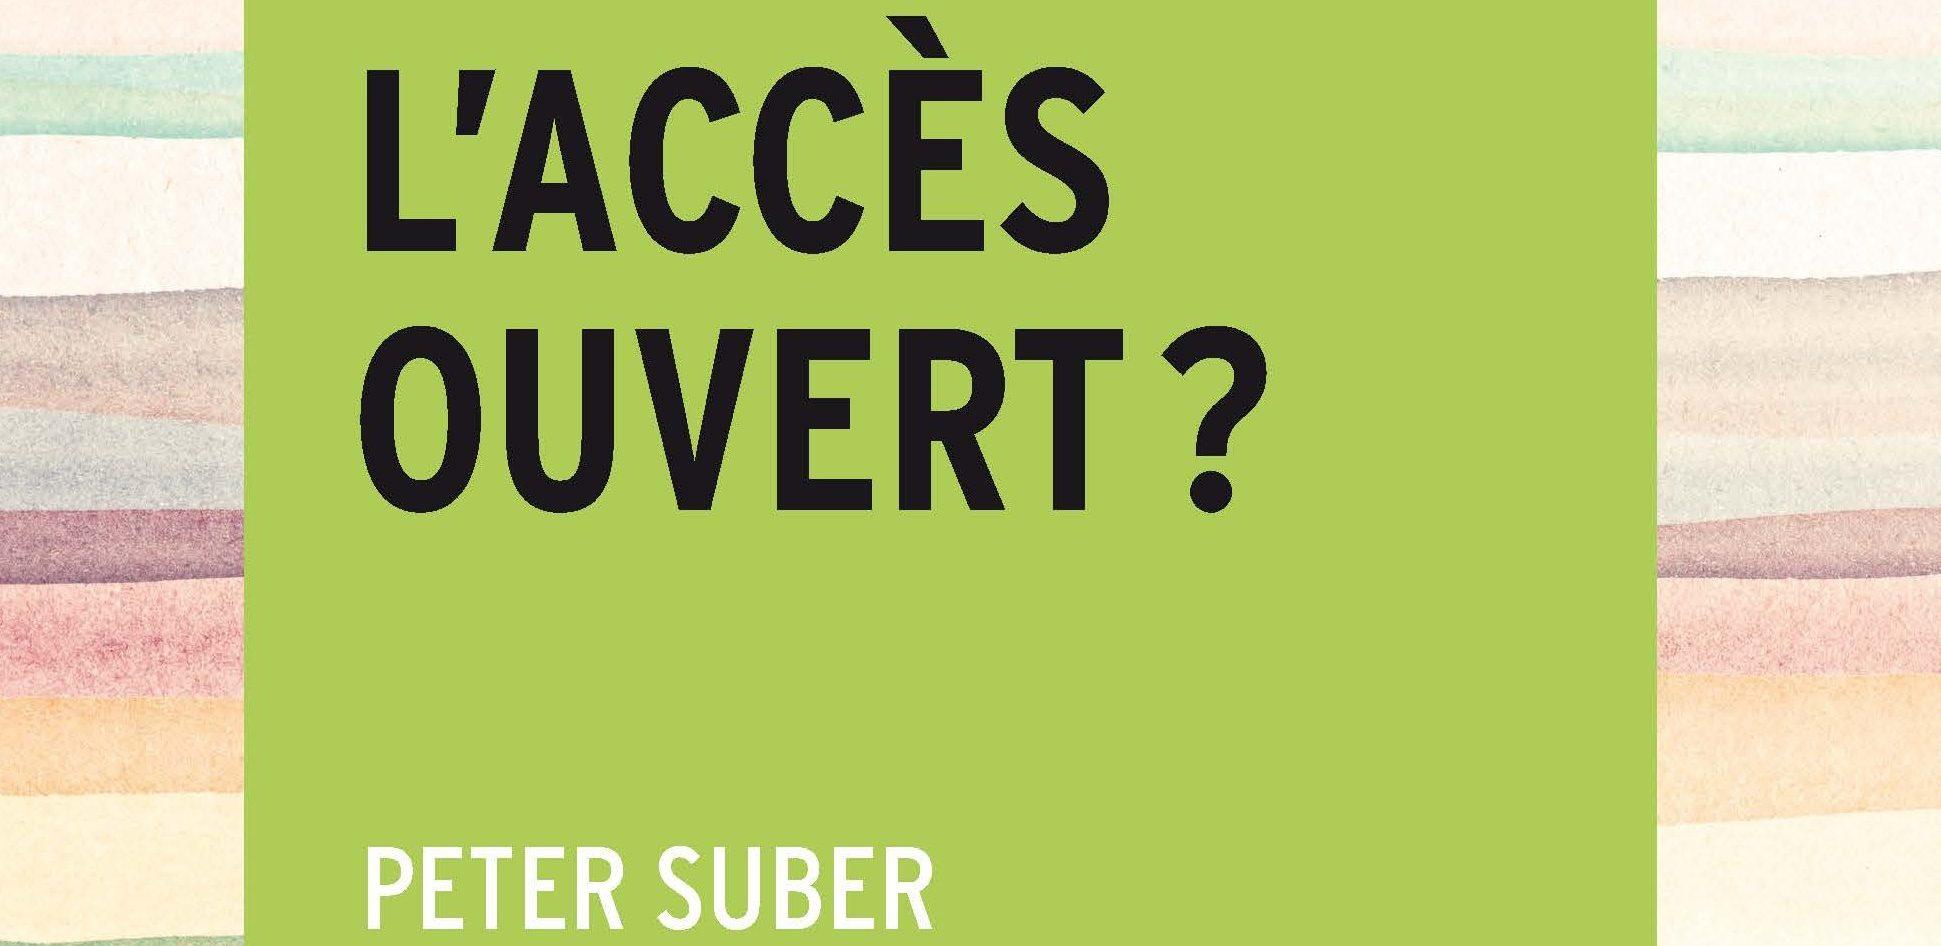 Qu'est-ce que l'accès ouvert?